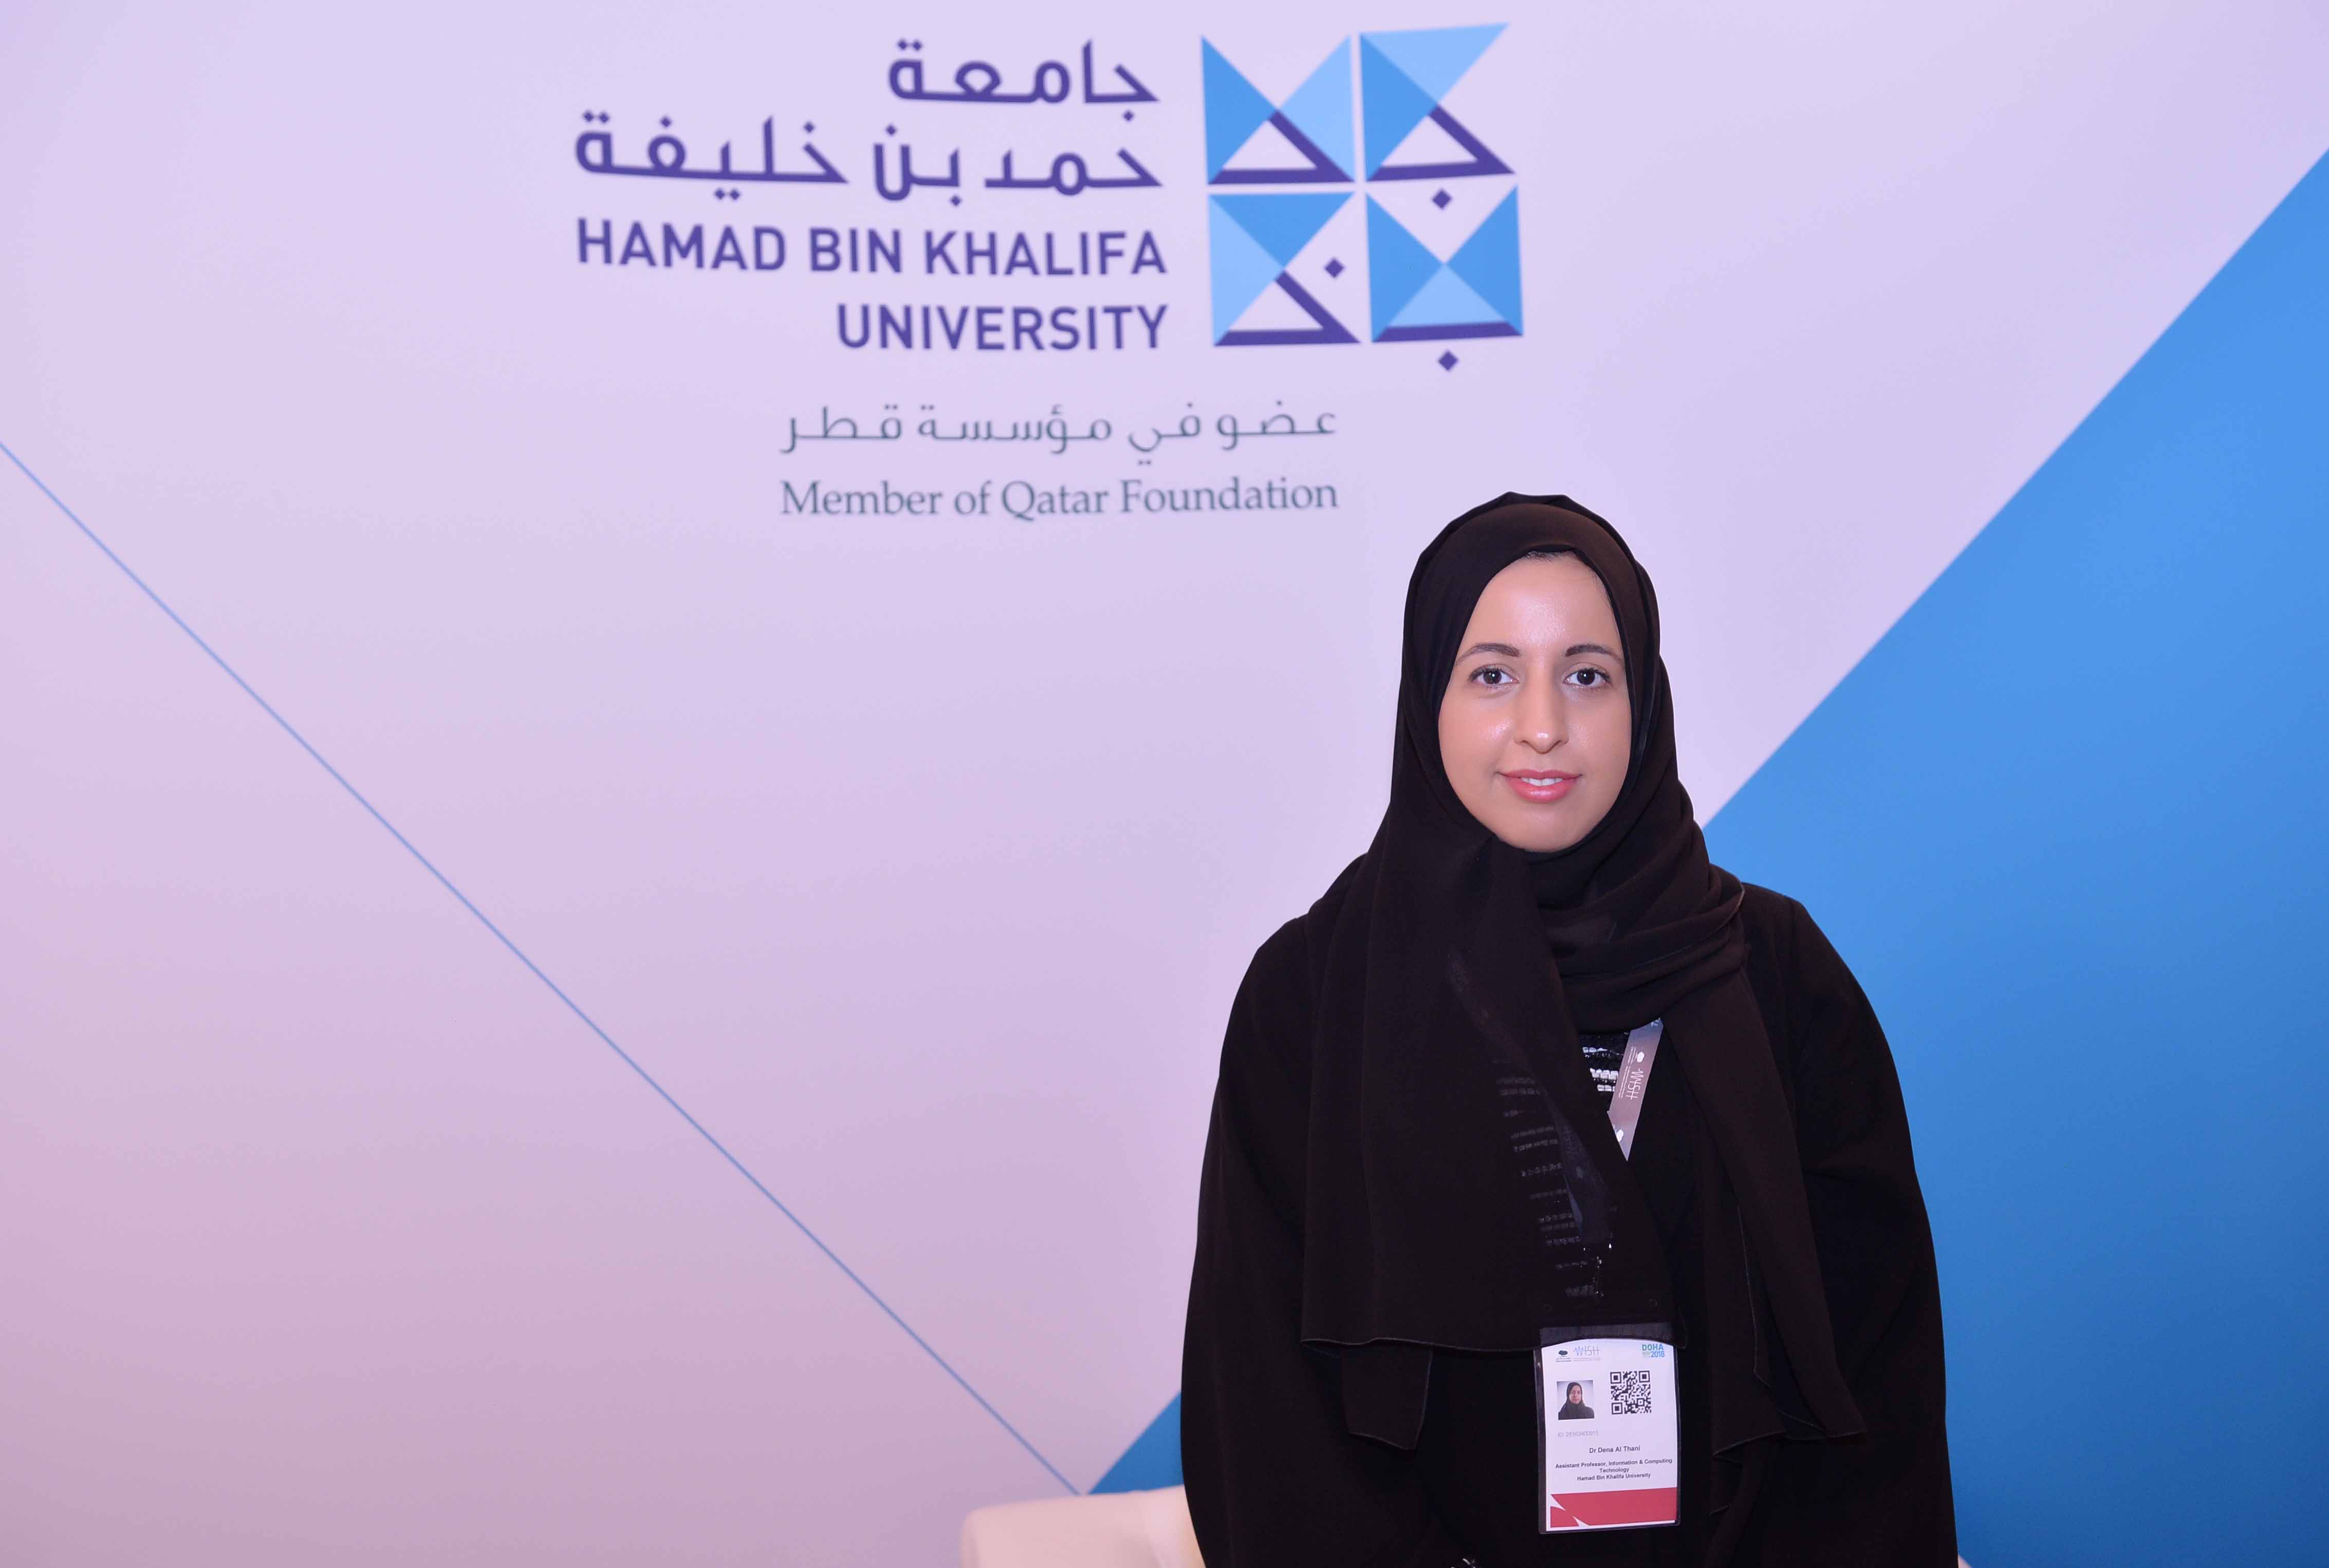 جامعة حمد بن خليفة تستعد لاستضافة المؤتمر الدولي الأول...